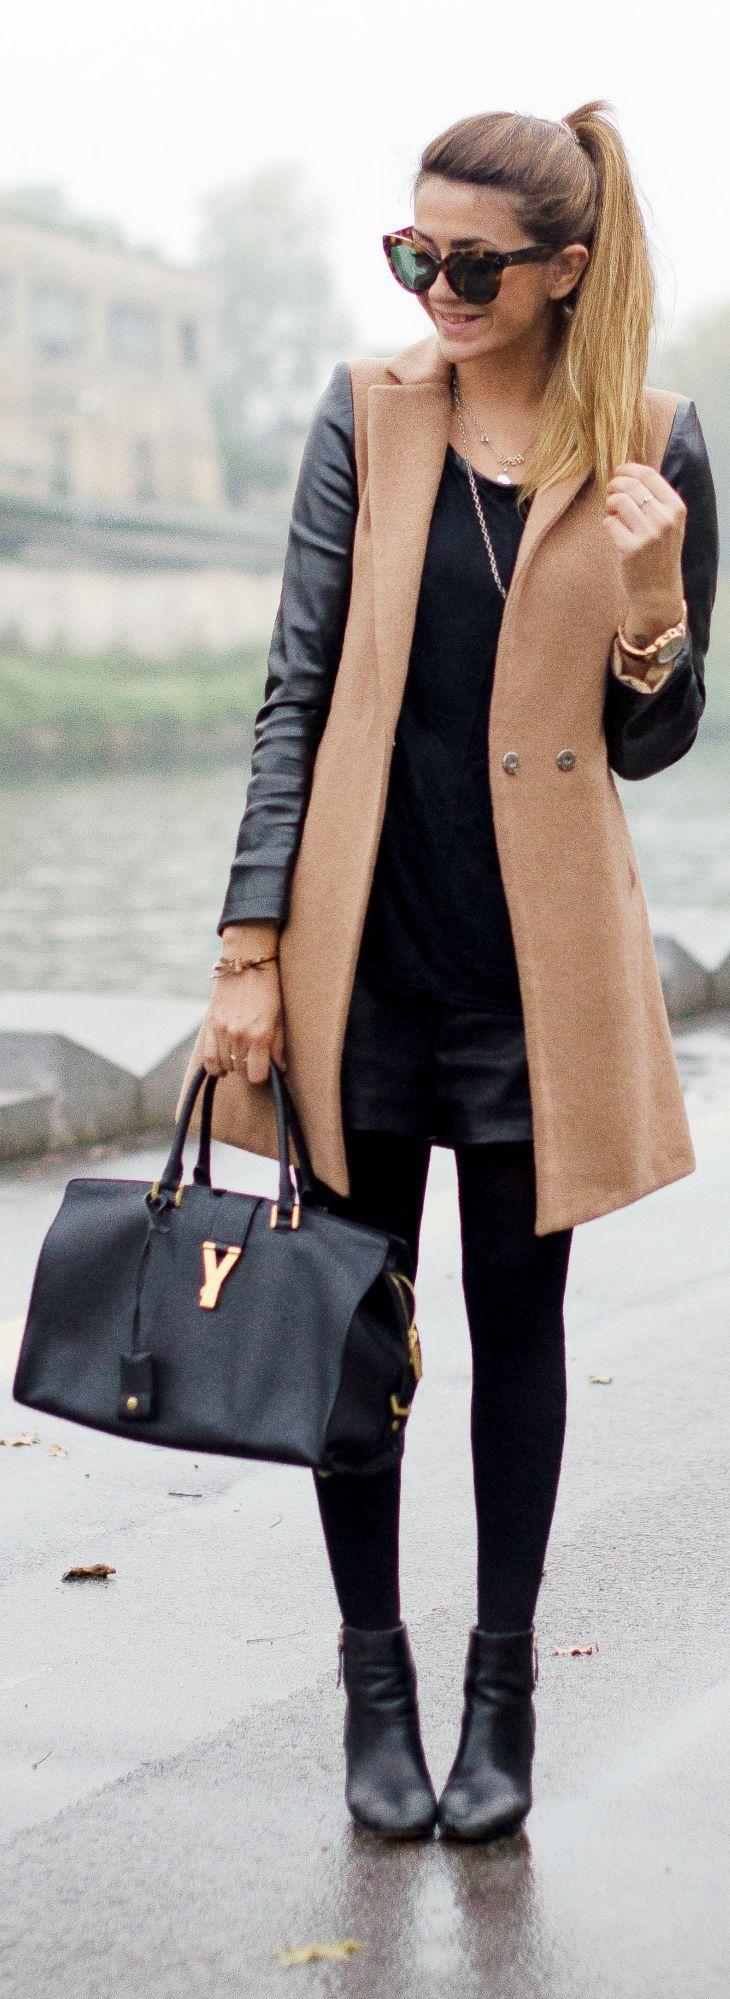 El Abrigo Es Cafe Y Negro El Abrigo Es Muy Calido Outfit